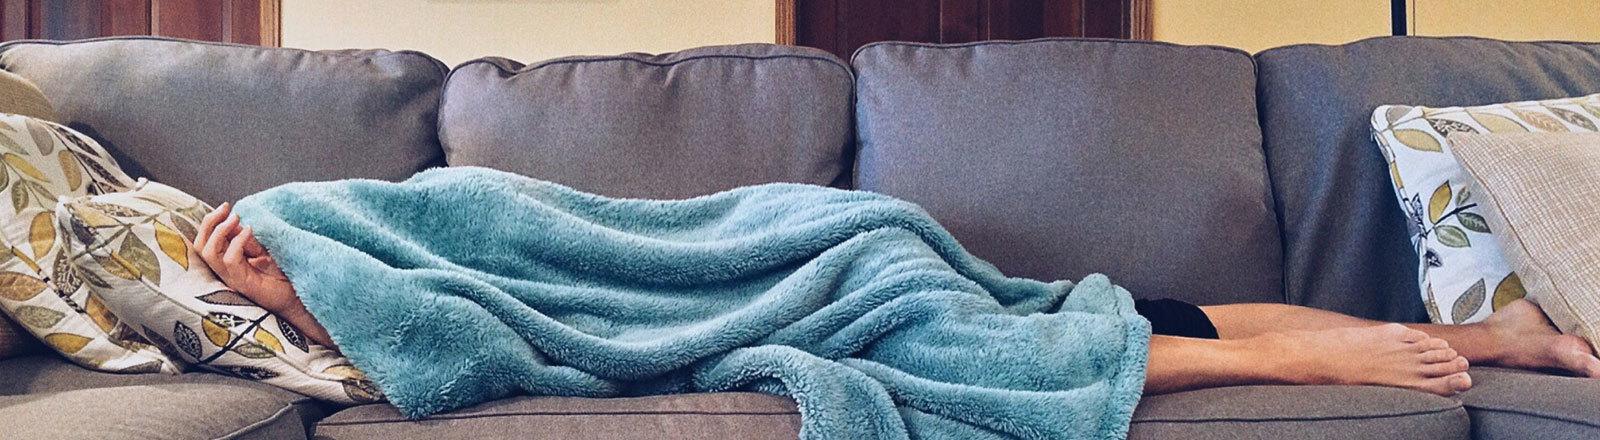 Ein Mensch liegt krank auf der Couch und hat sich unter einer warmen Decke verkrochen.